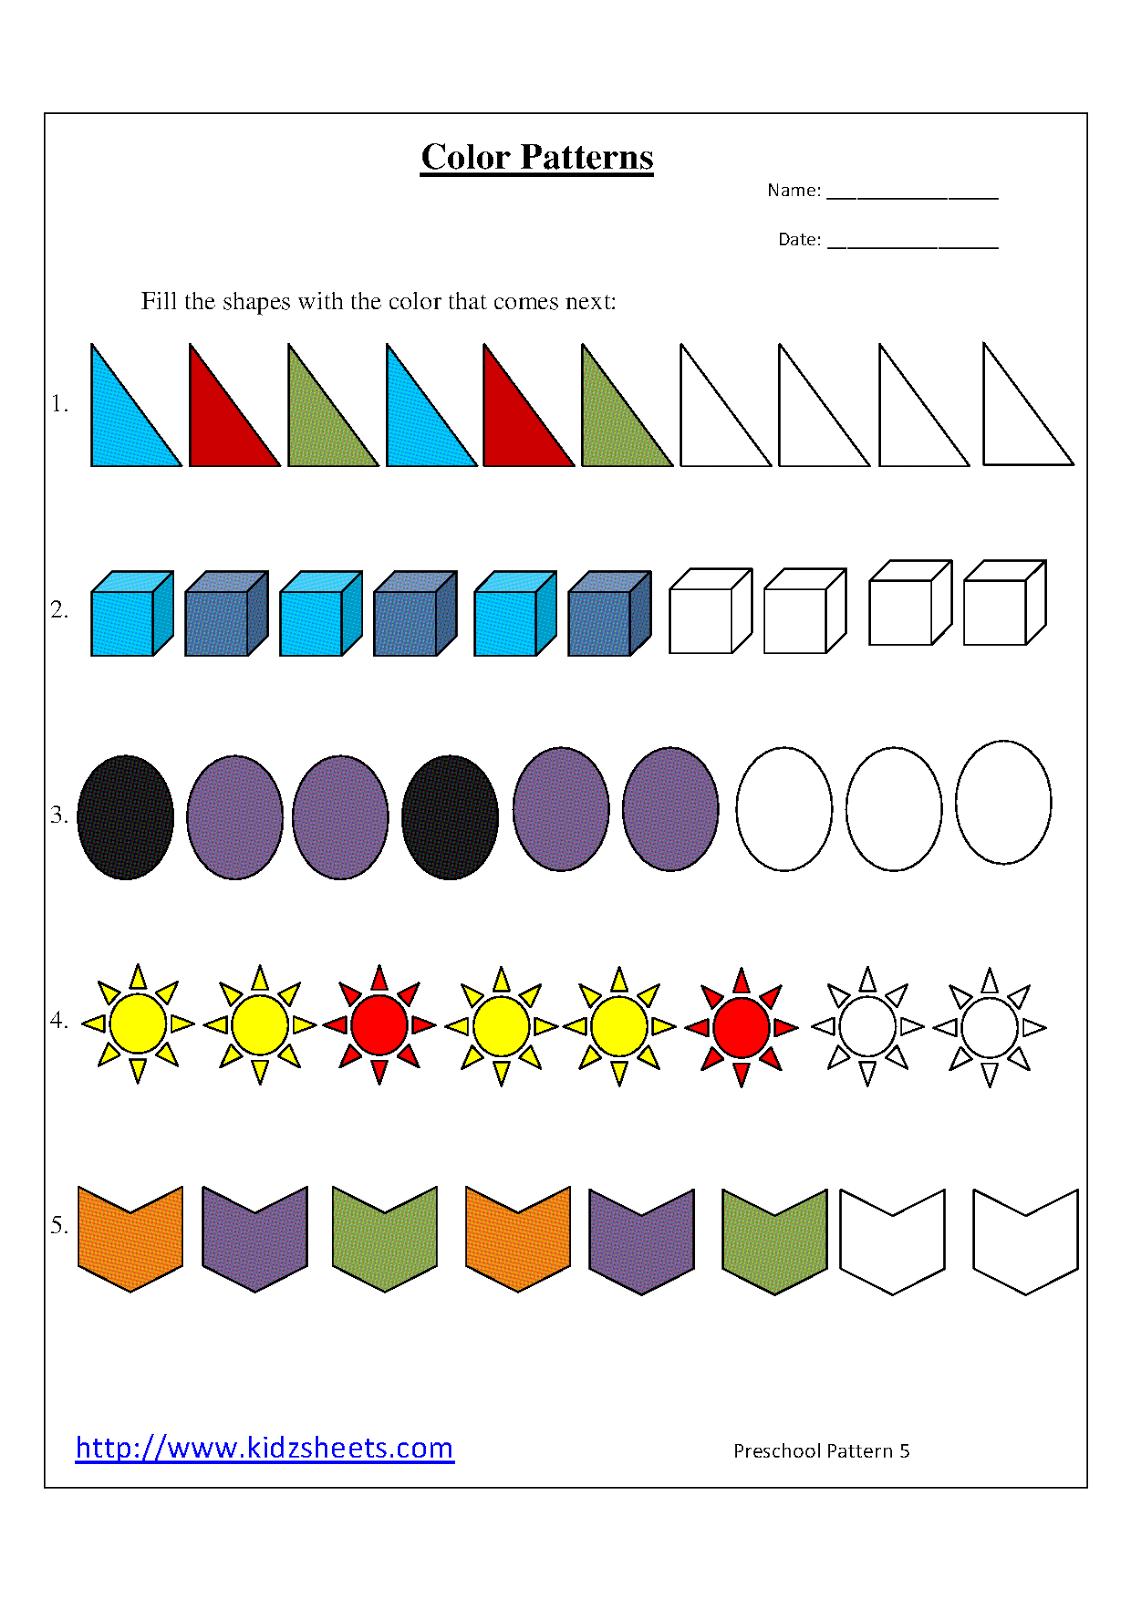 kidz worksheets preschool color patterns worksheet5. Black Bedroom Furniture Sets. Home Design Ideas